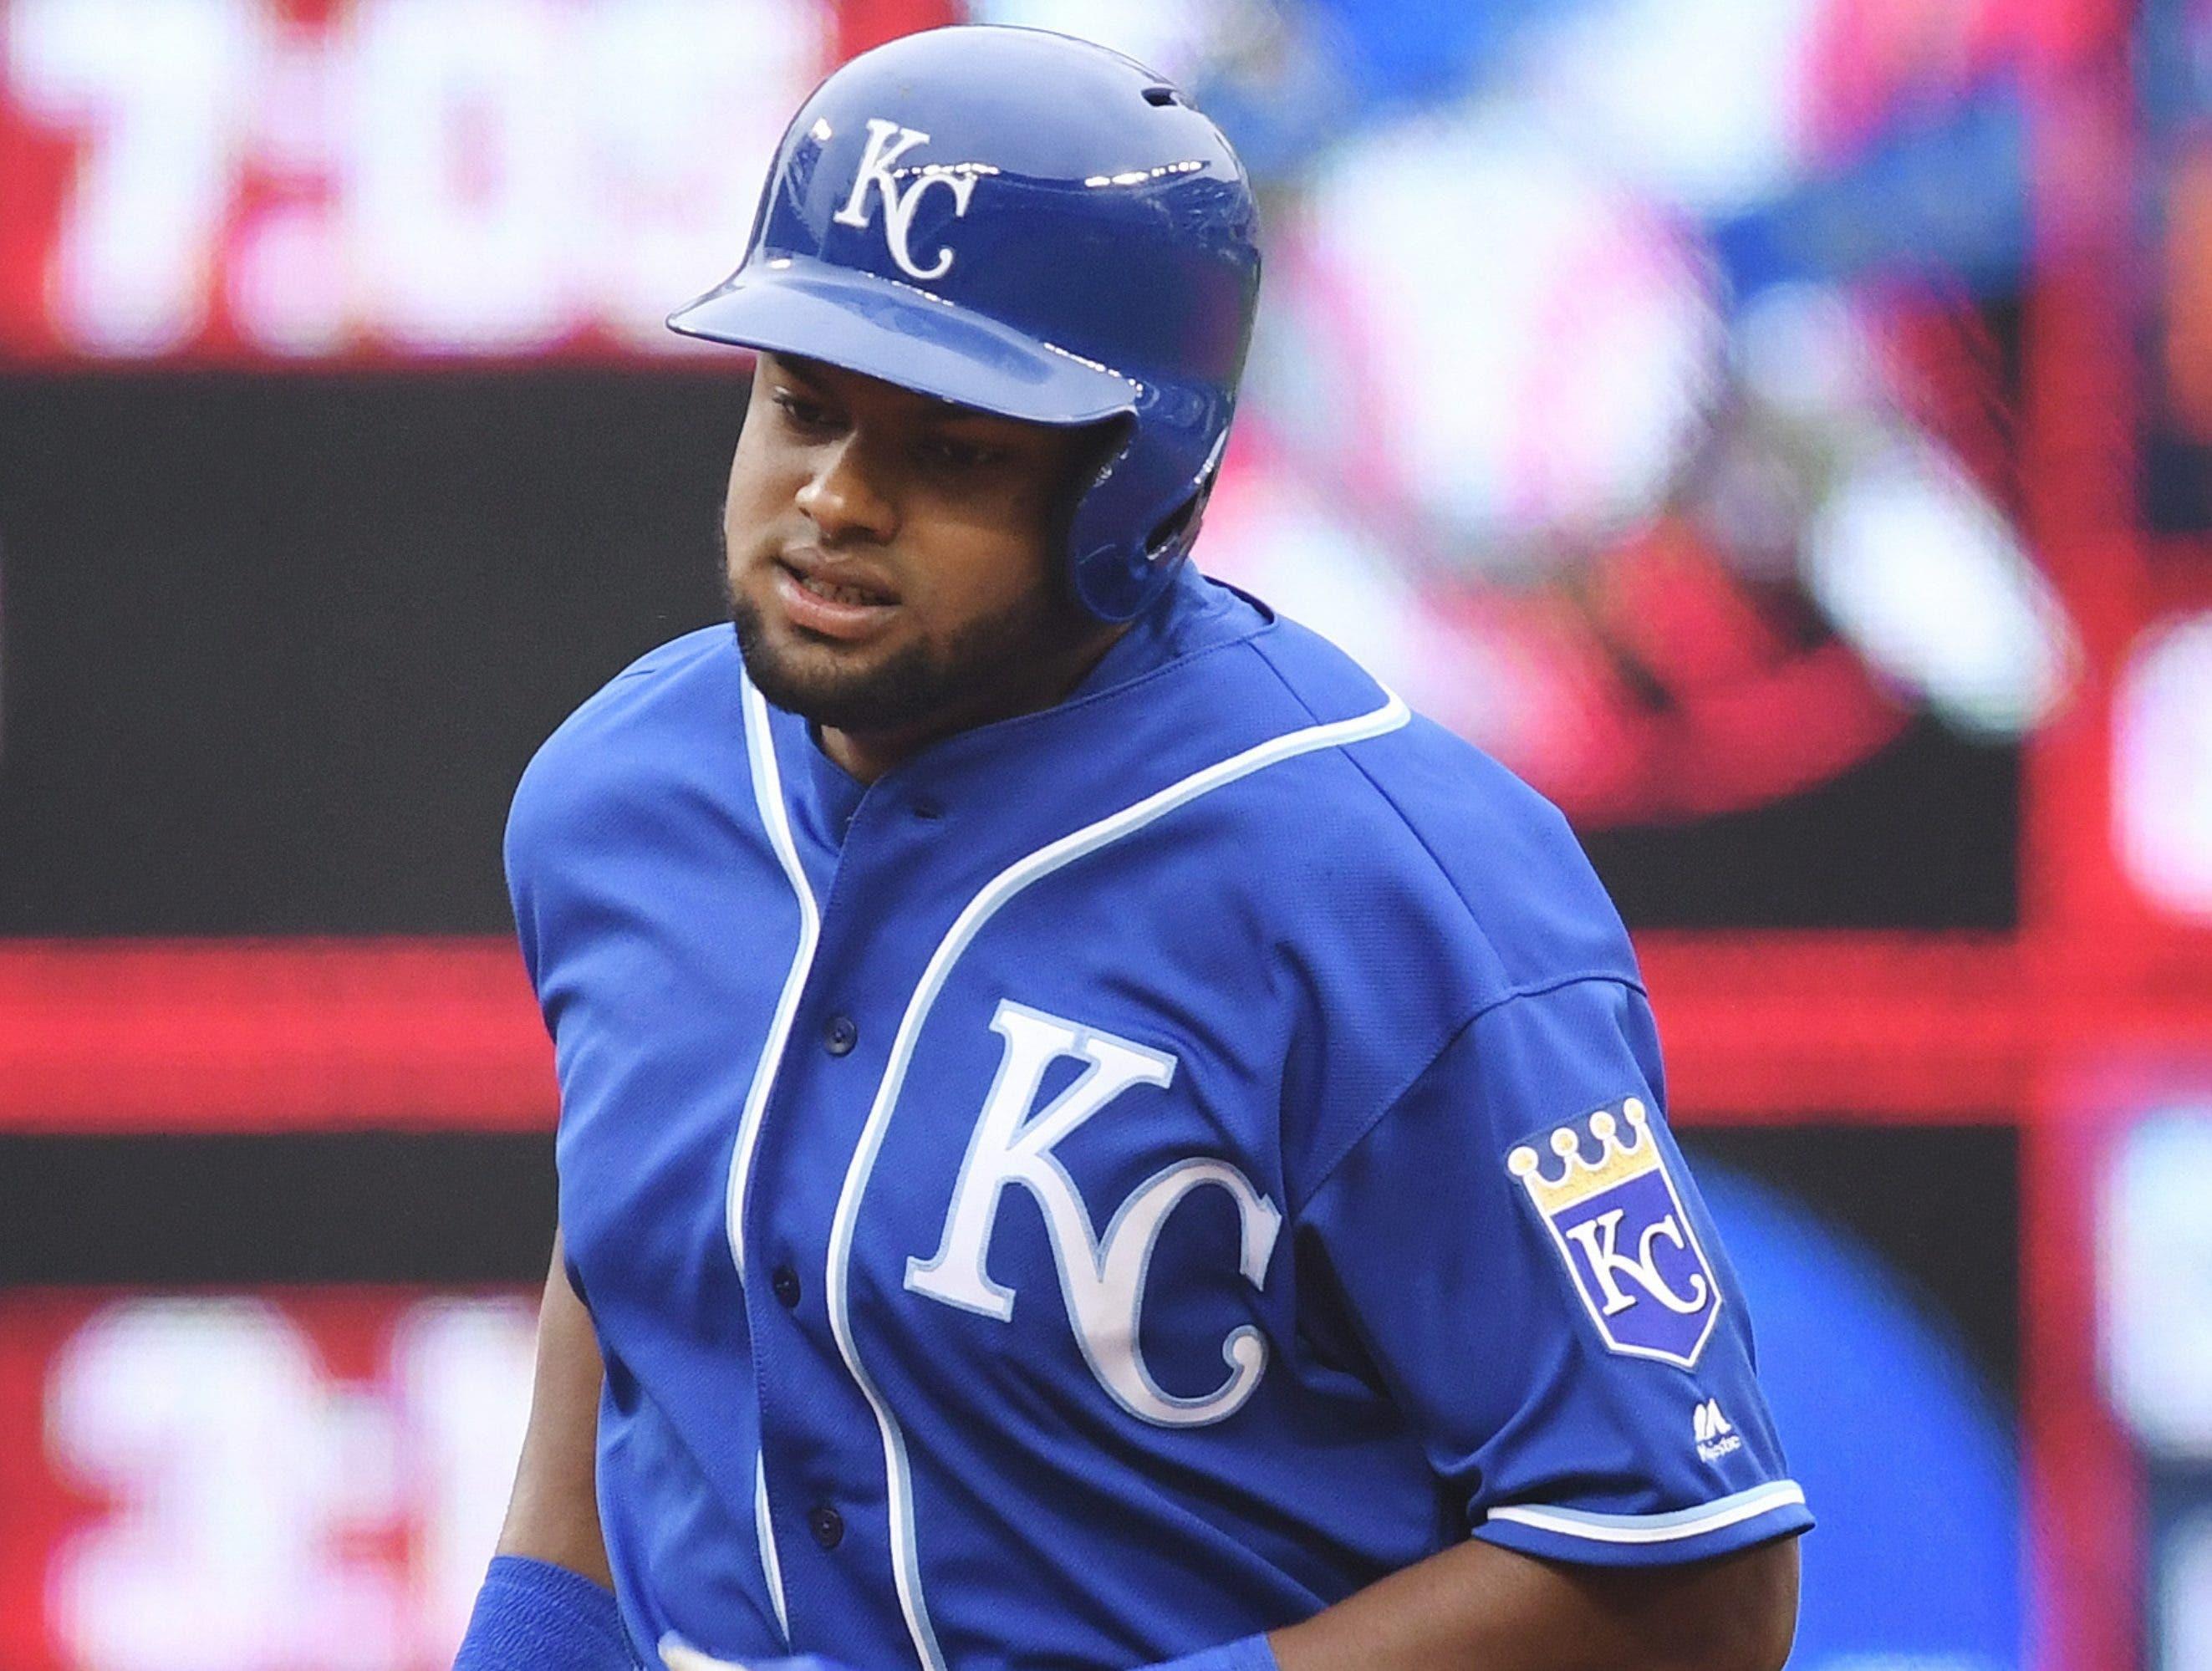 Jorge Bonifacio es un jugador joven que emerge con fuerzas en los Reales de Kansas City.  ap